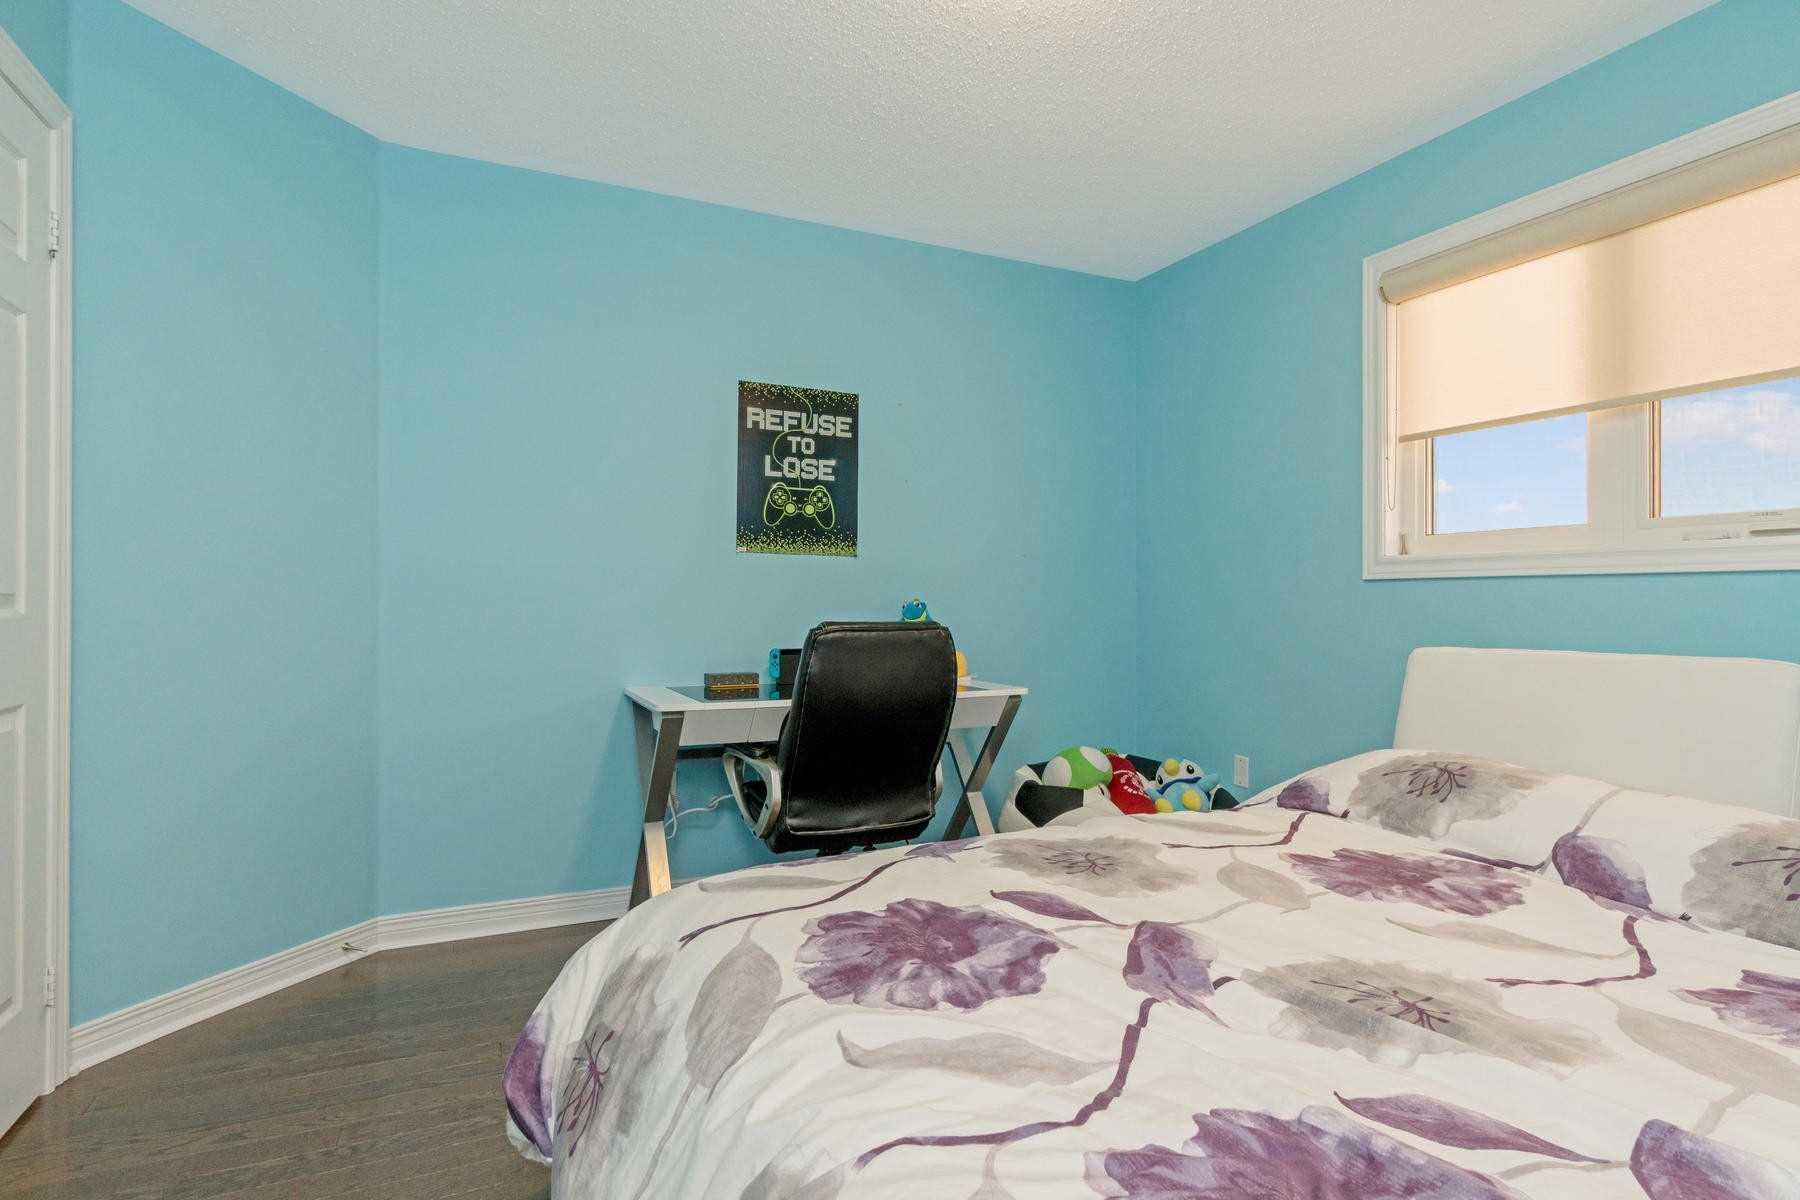 423 Barber Dr, Halton Hills W4644293